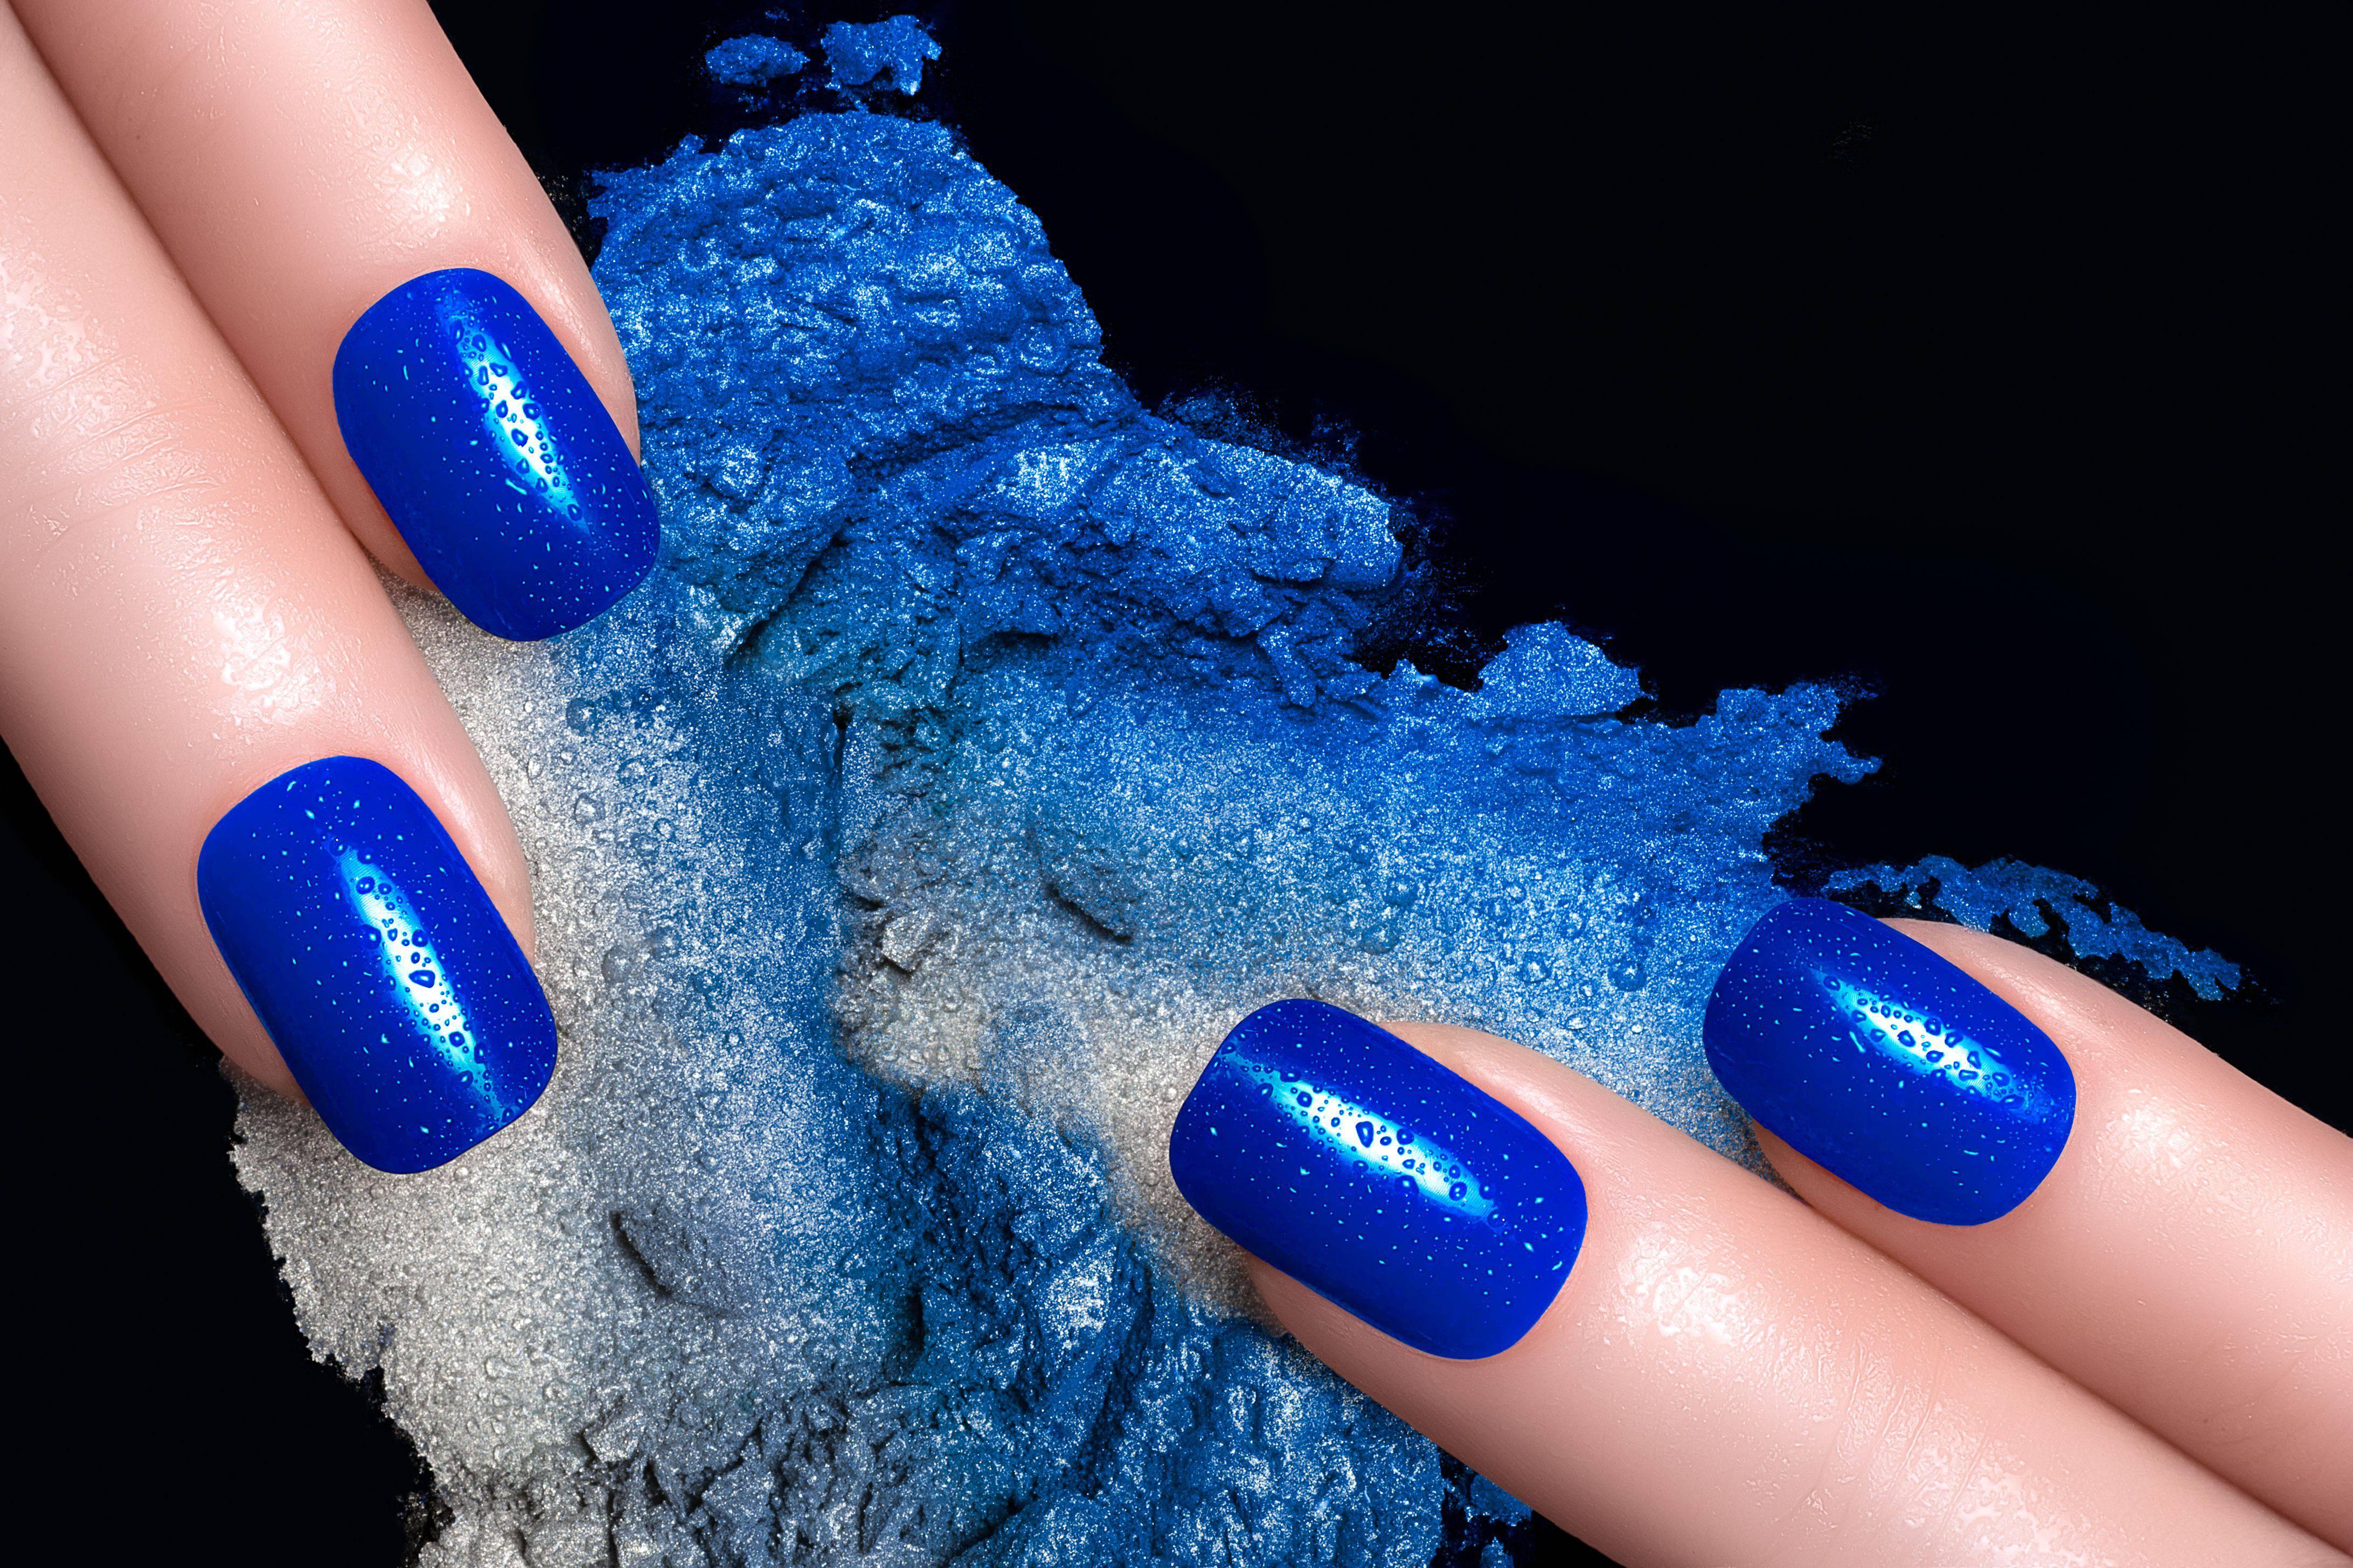 Tutorila Nail Art Unghie Azzurre Con Disegni Tono Su Tono